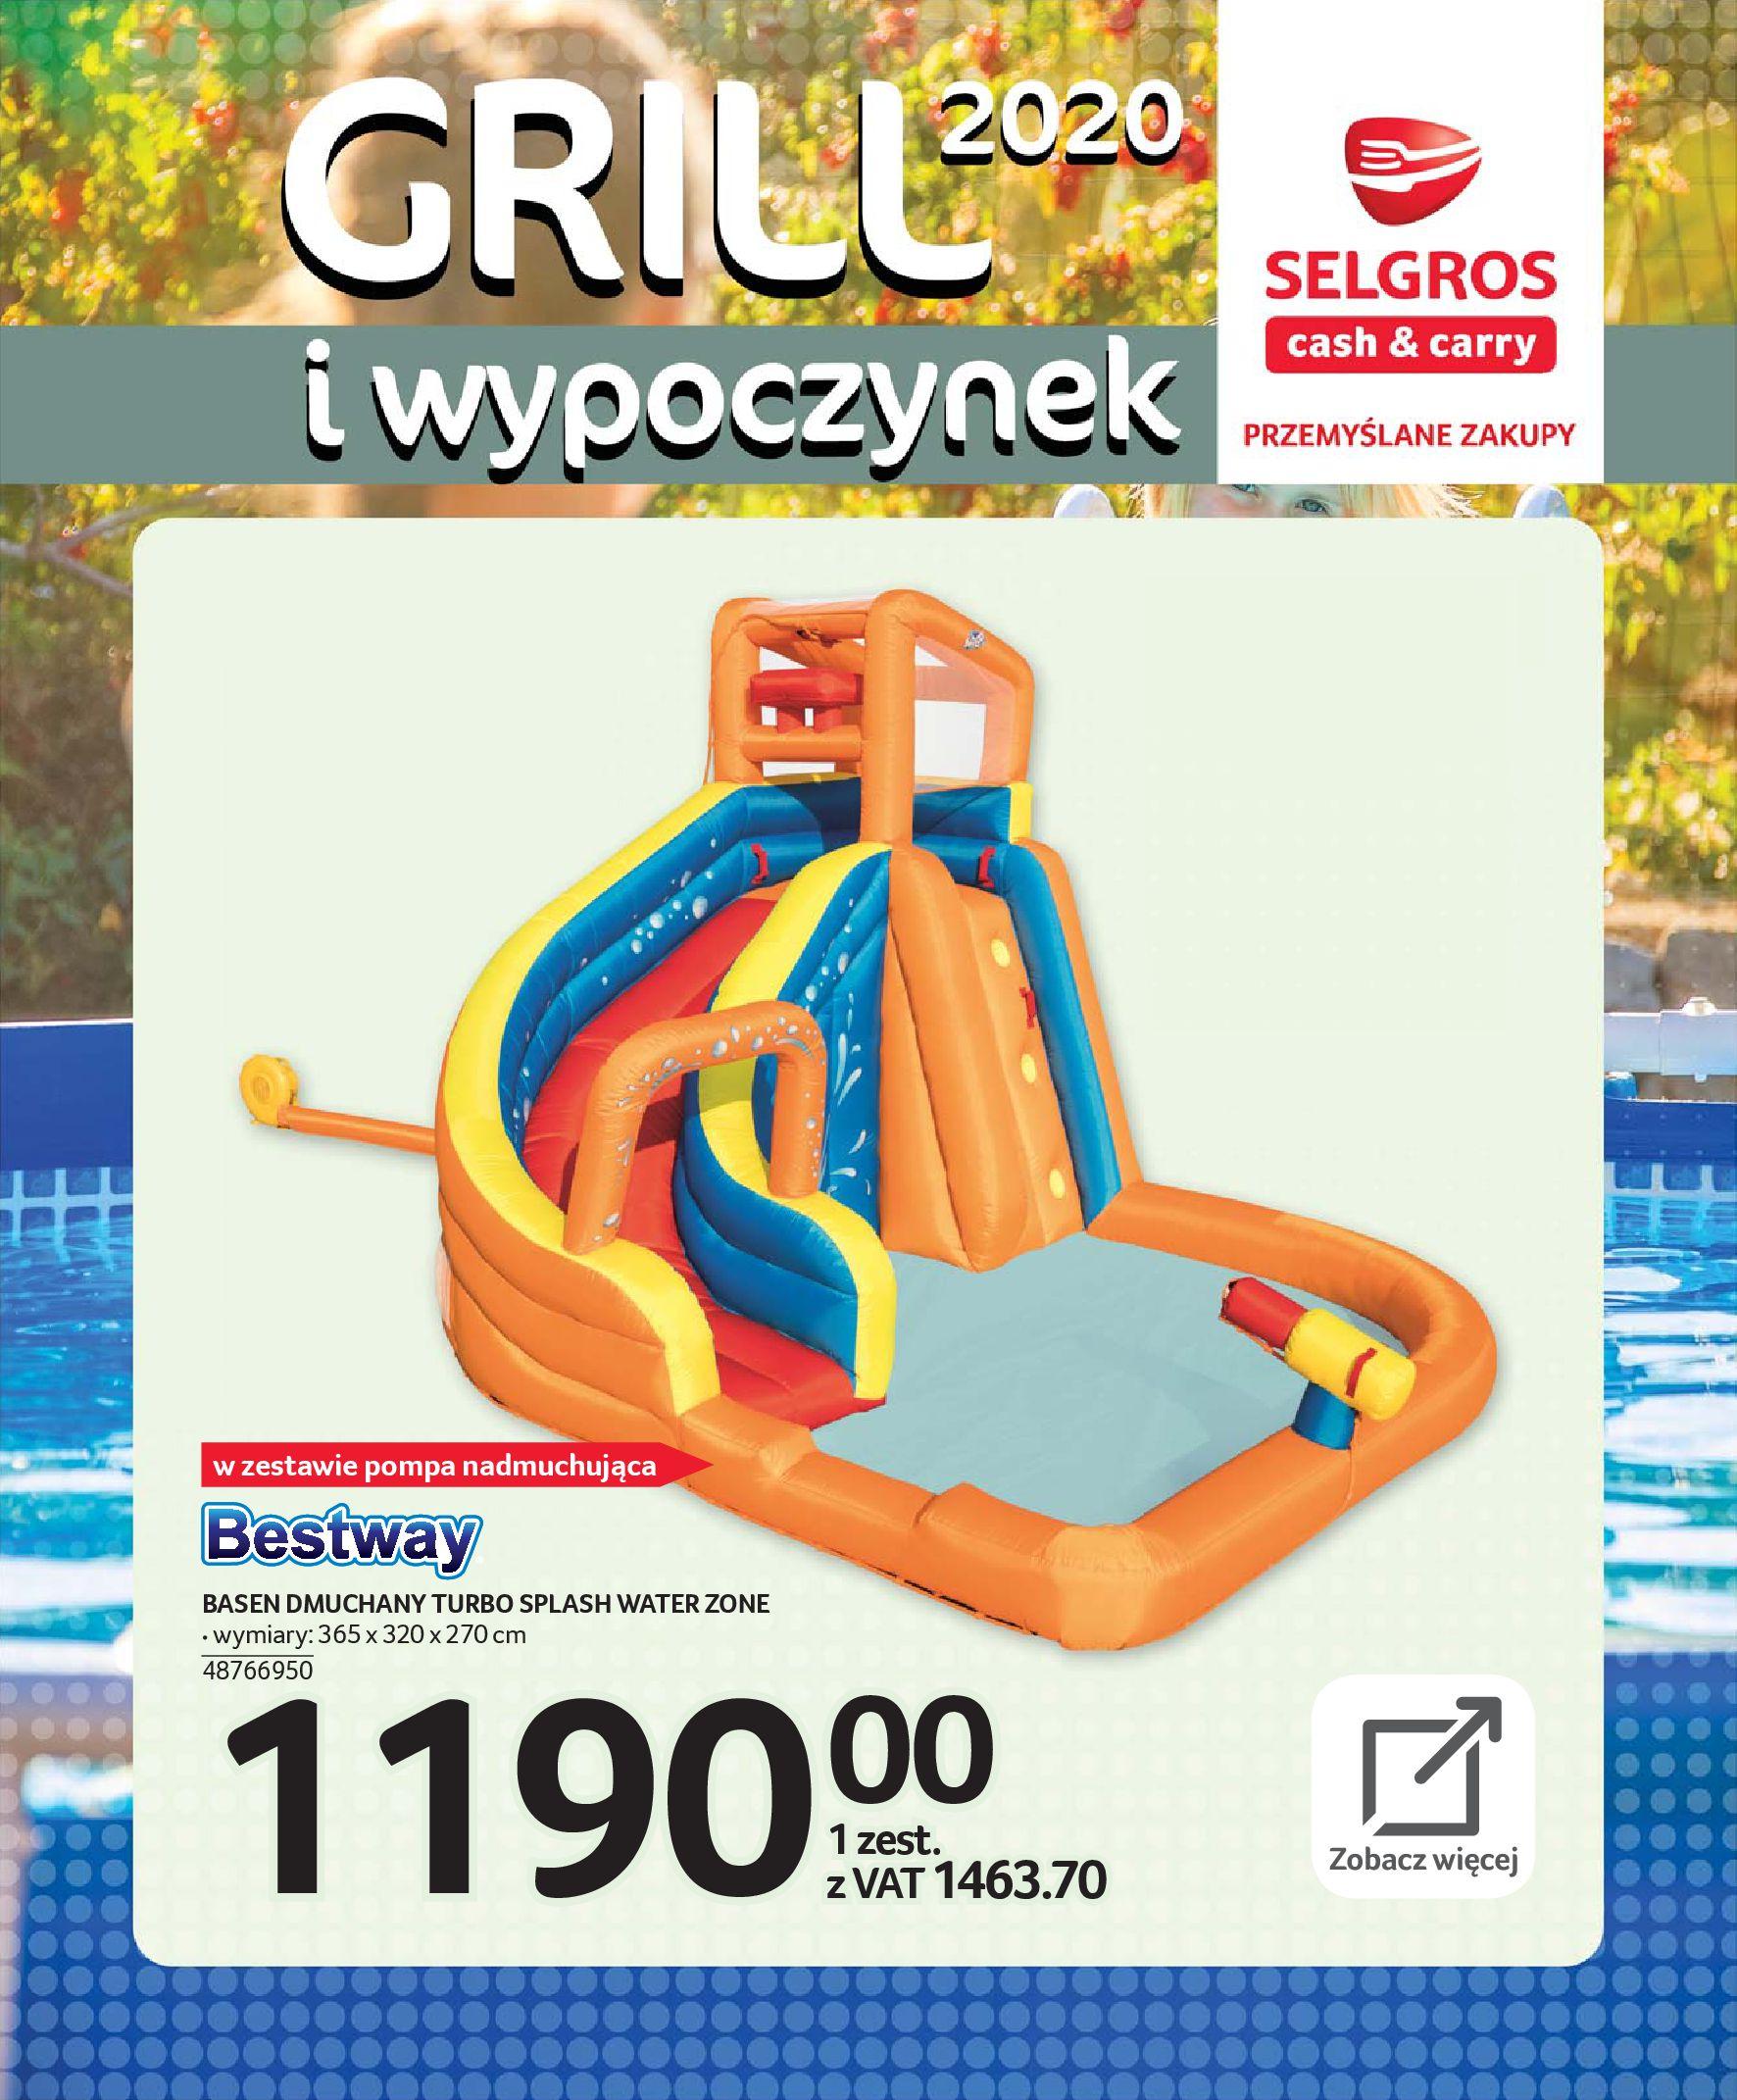 Gazetka Selgros - Katalog - Grill i wypoczynek-31.03.2020-31.08.2020-page-99